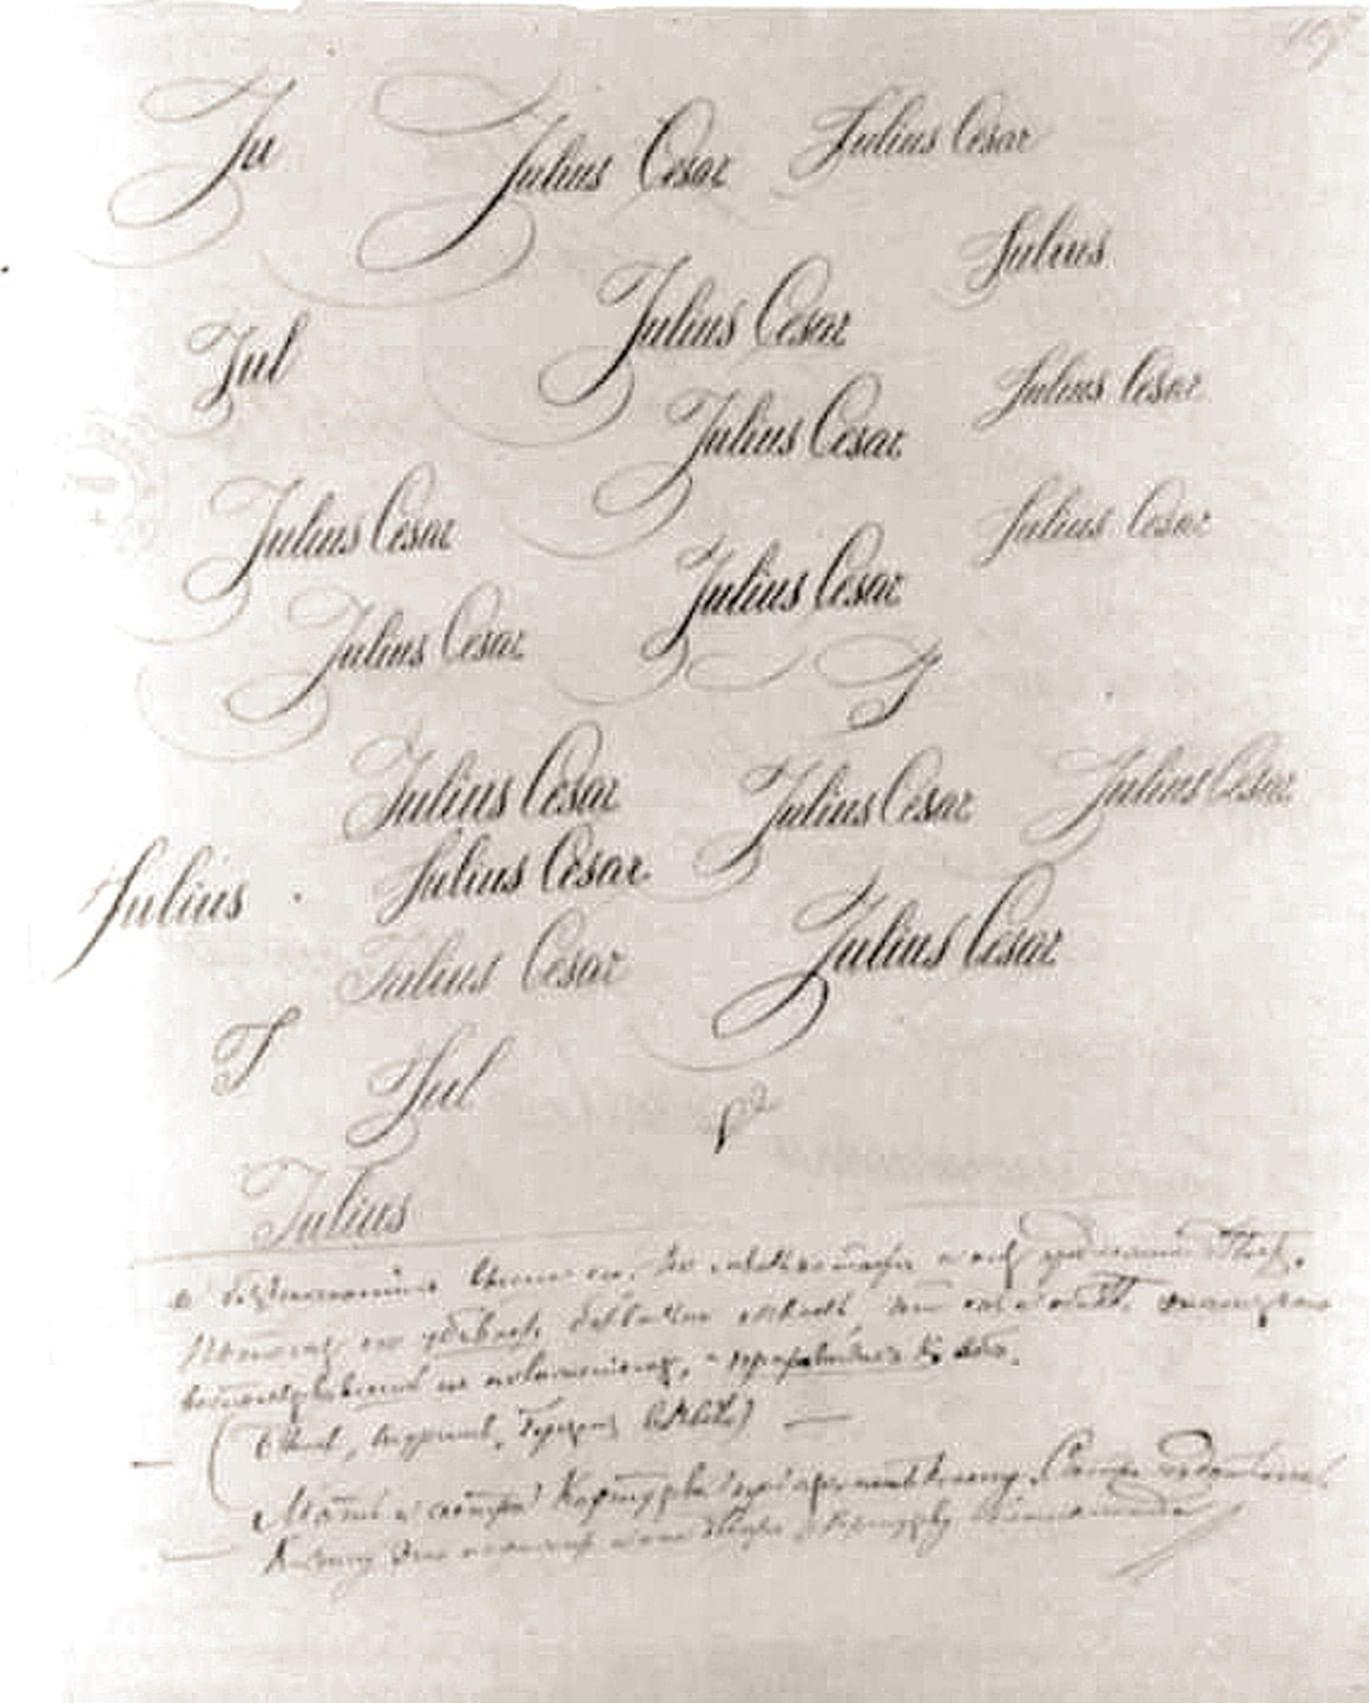 Рисунки Достоевского к его рукописям 4